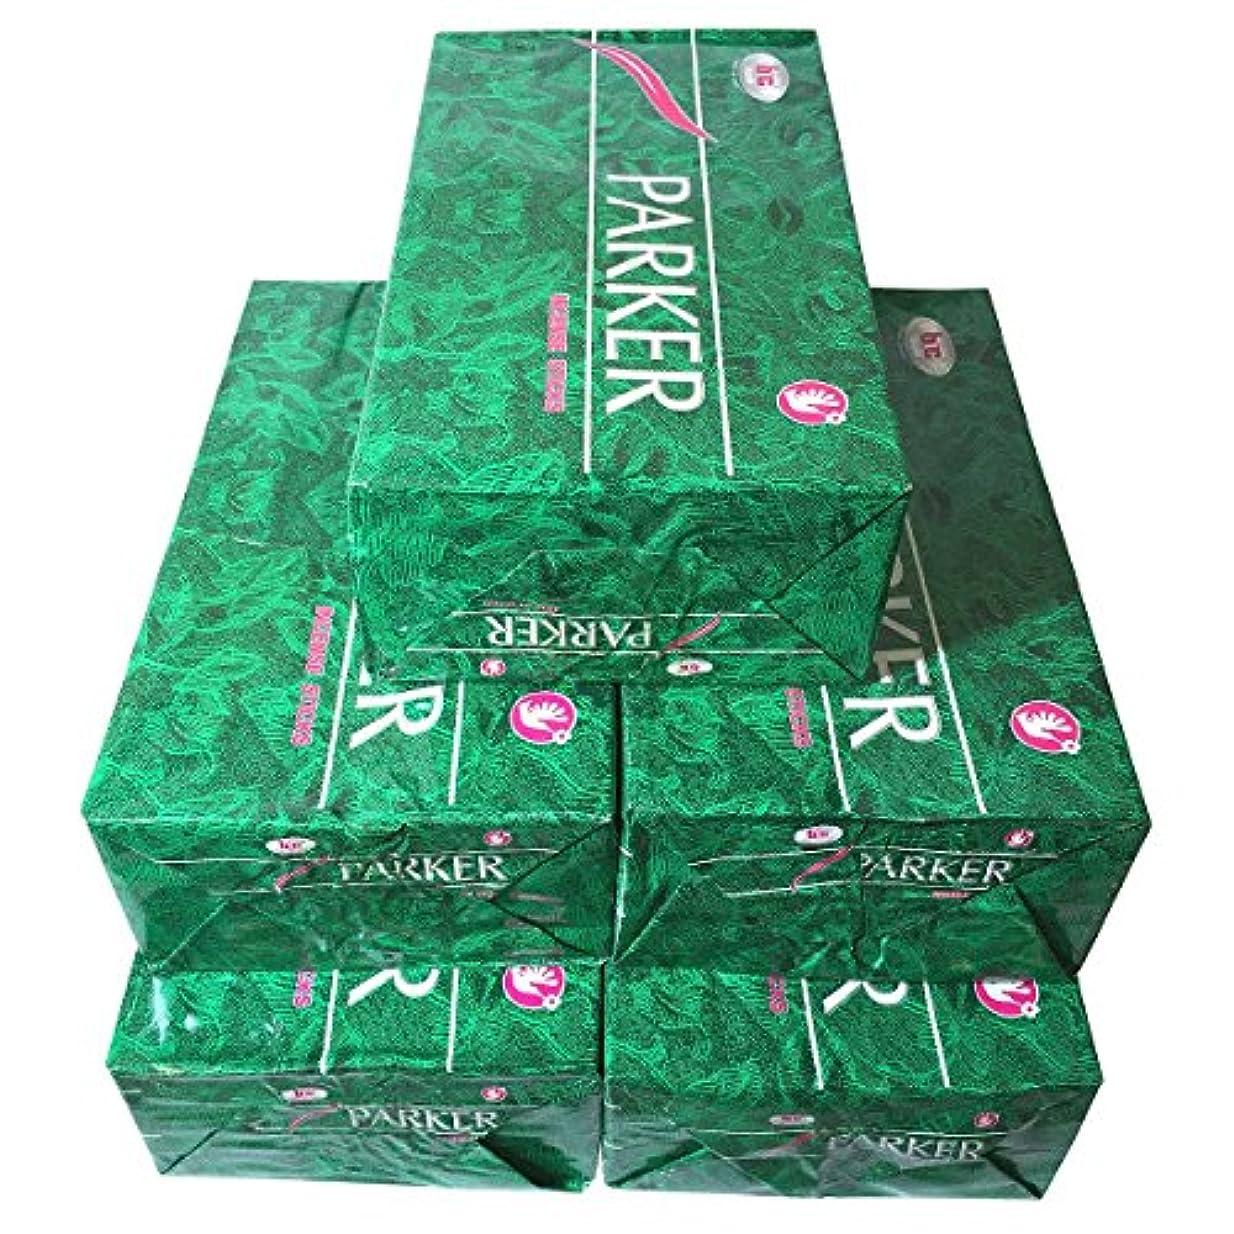 ステップ国勢調査ヒギンズパーカー香スティック 5BOX(30箱)/BIC PARKER/ インド香 / 送料無料 [並行輸入品]